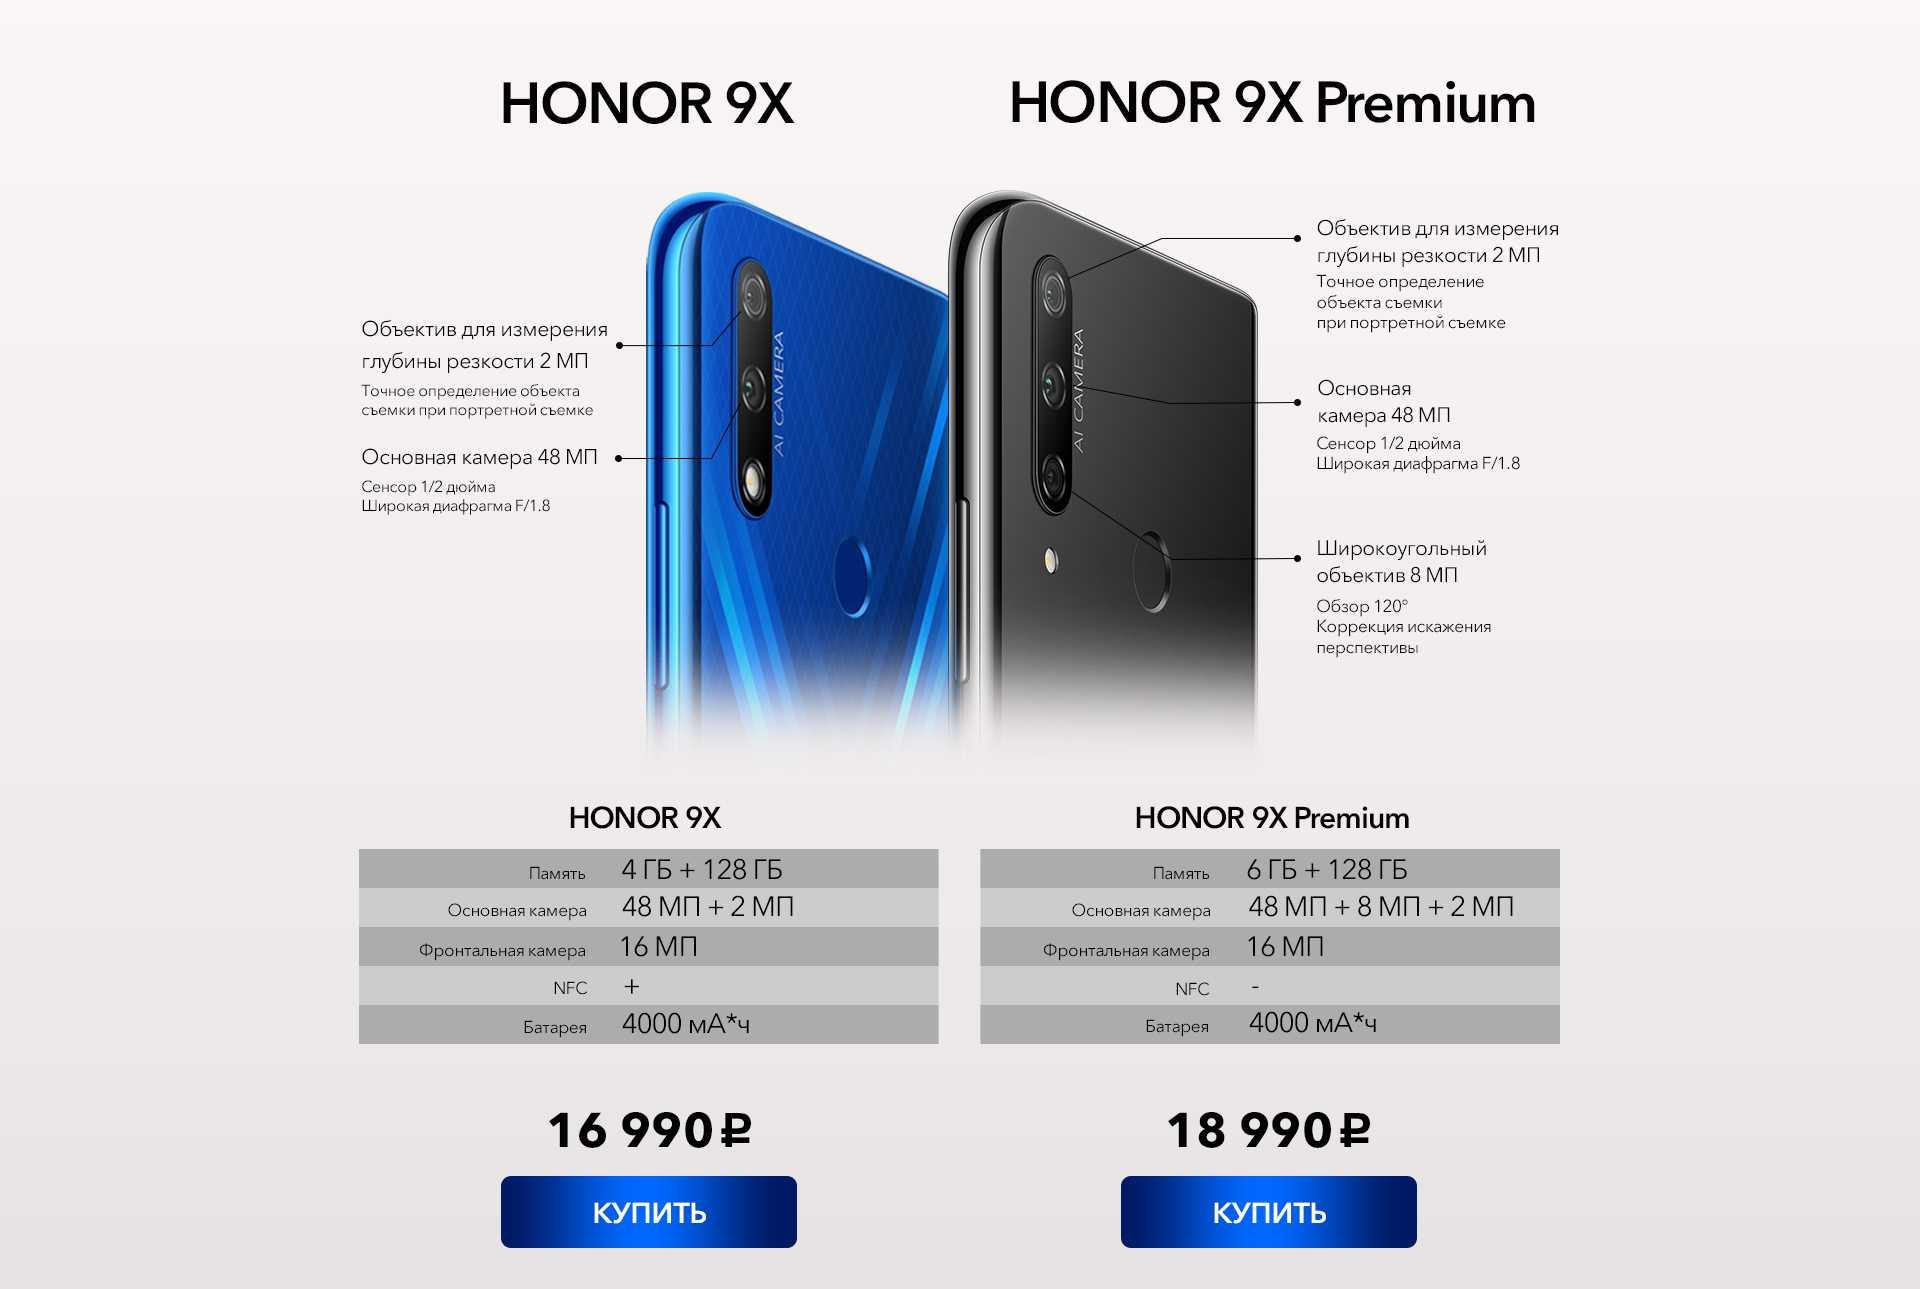 Все подробности о новых, официально представленных honor 9x и honor 9x pro